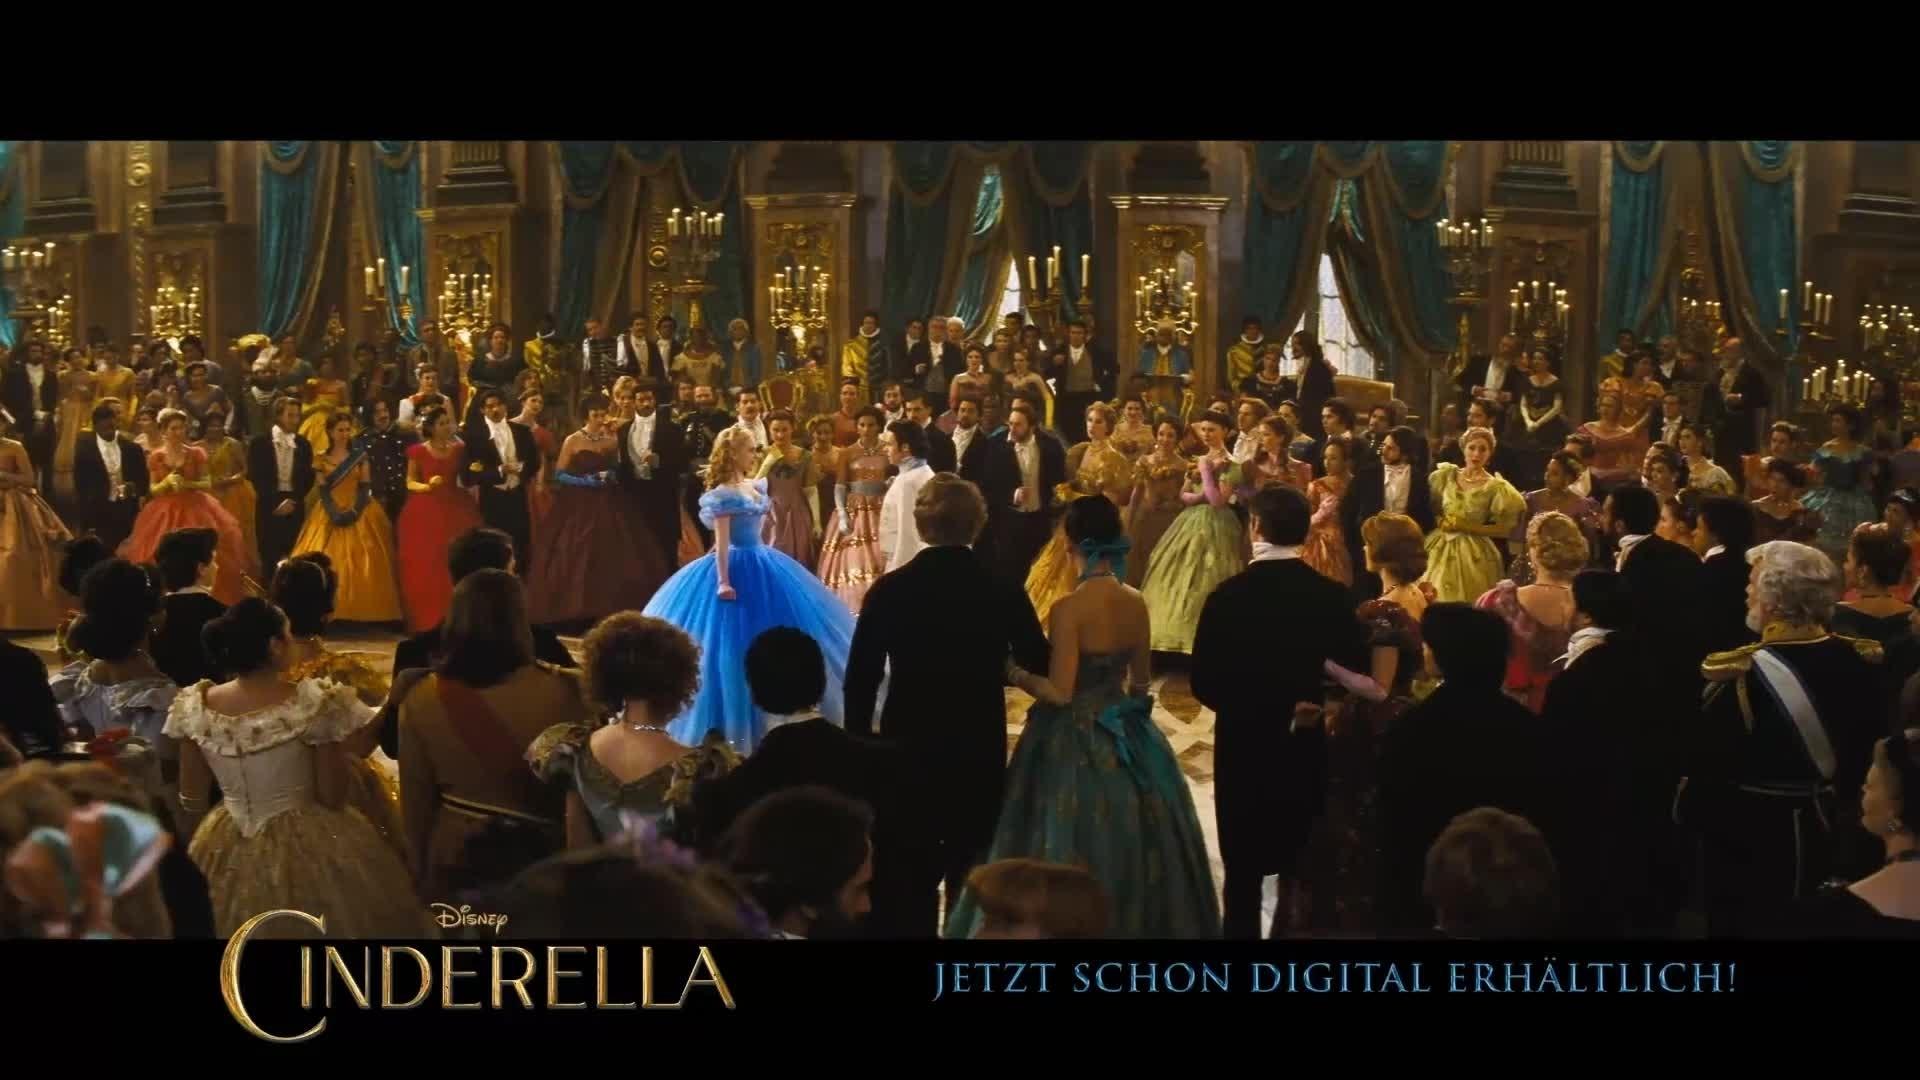 Cinderella - Digital erhältlich